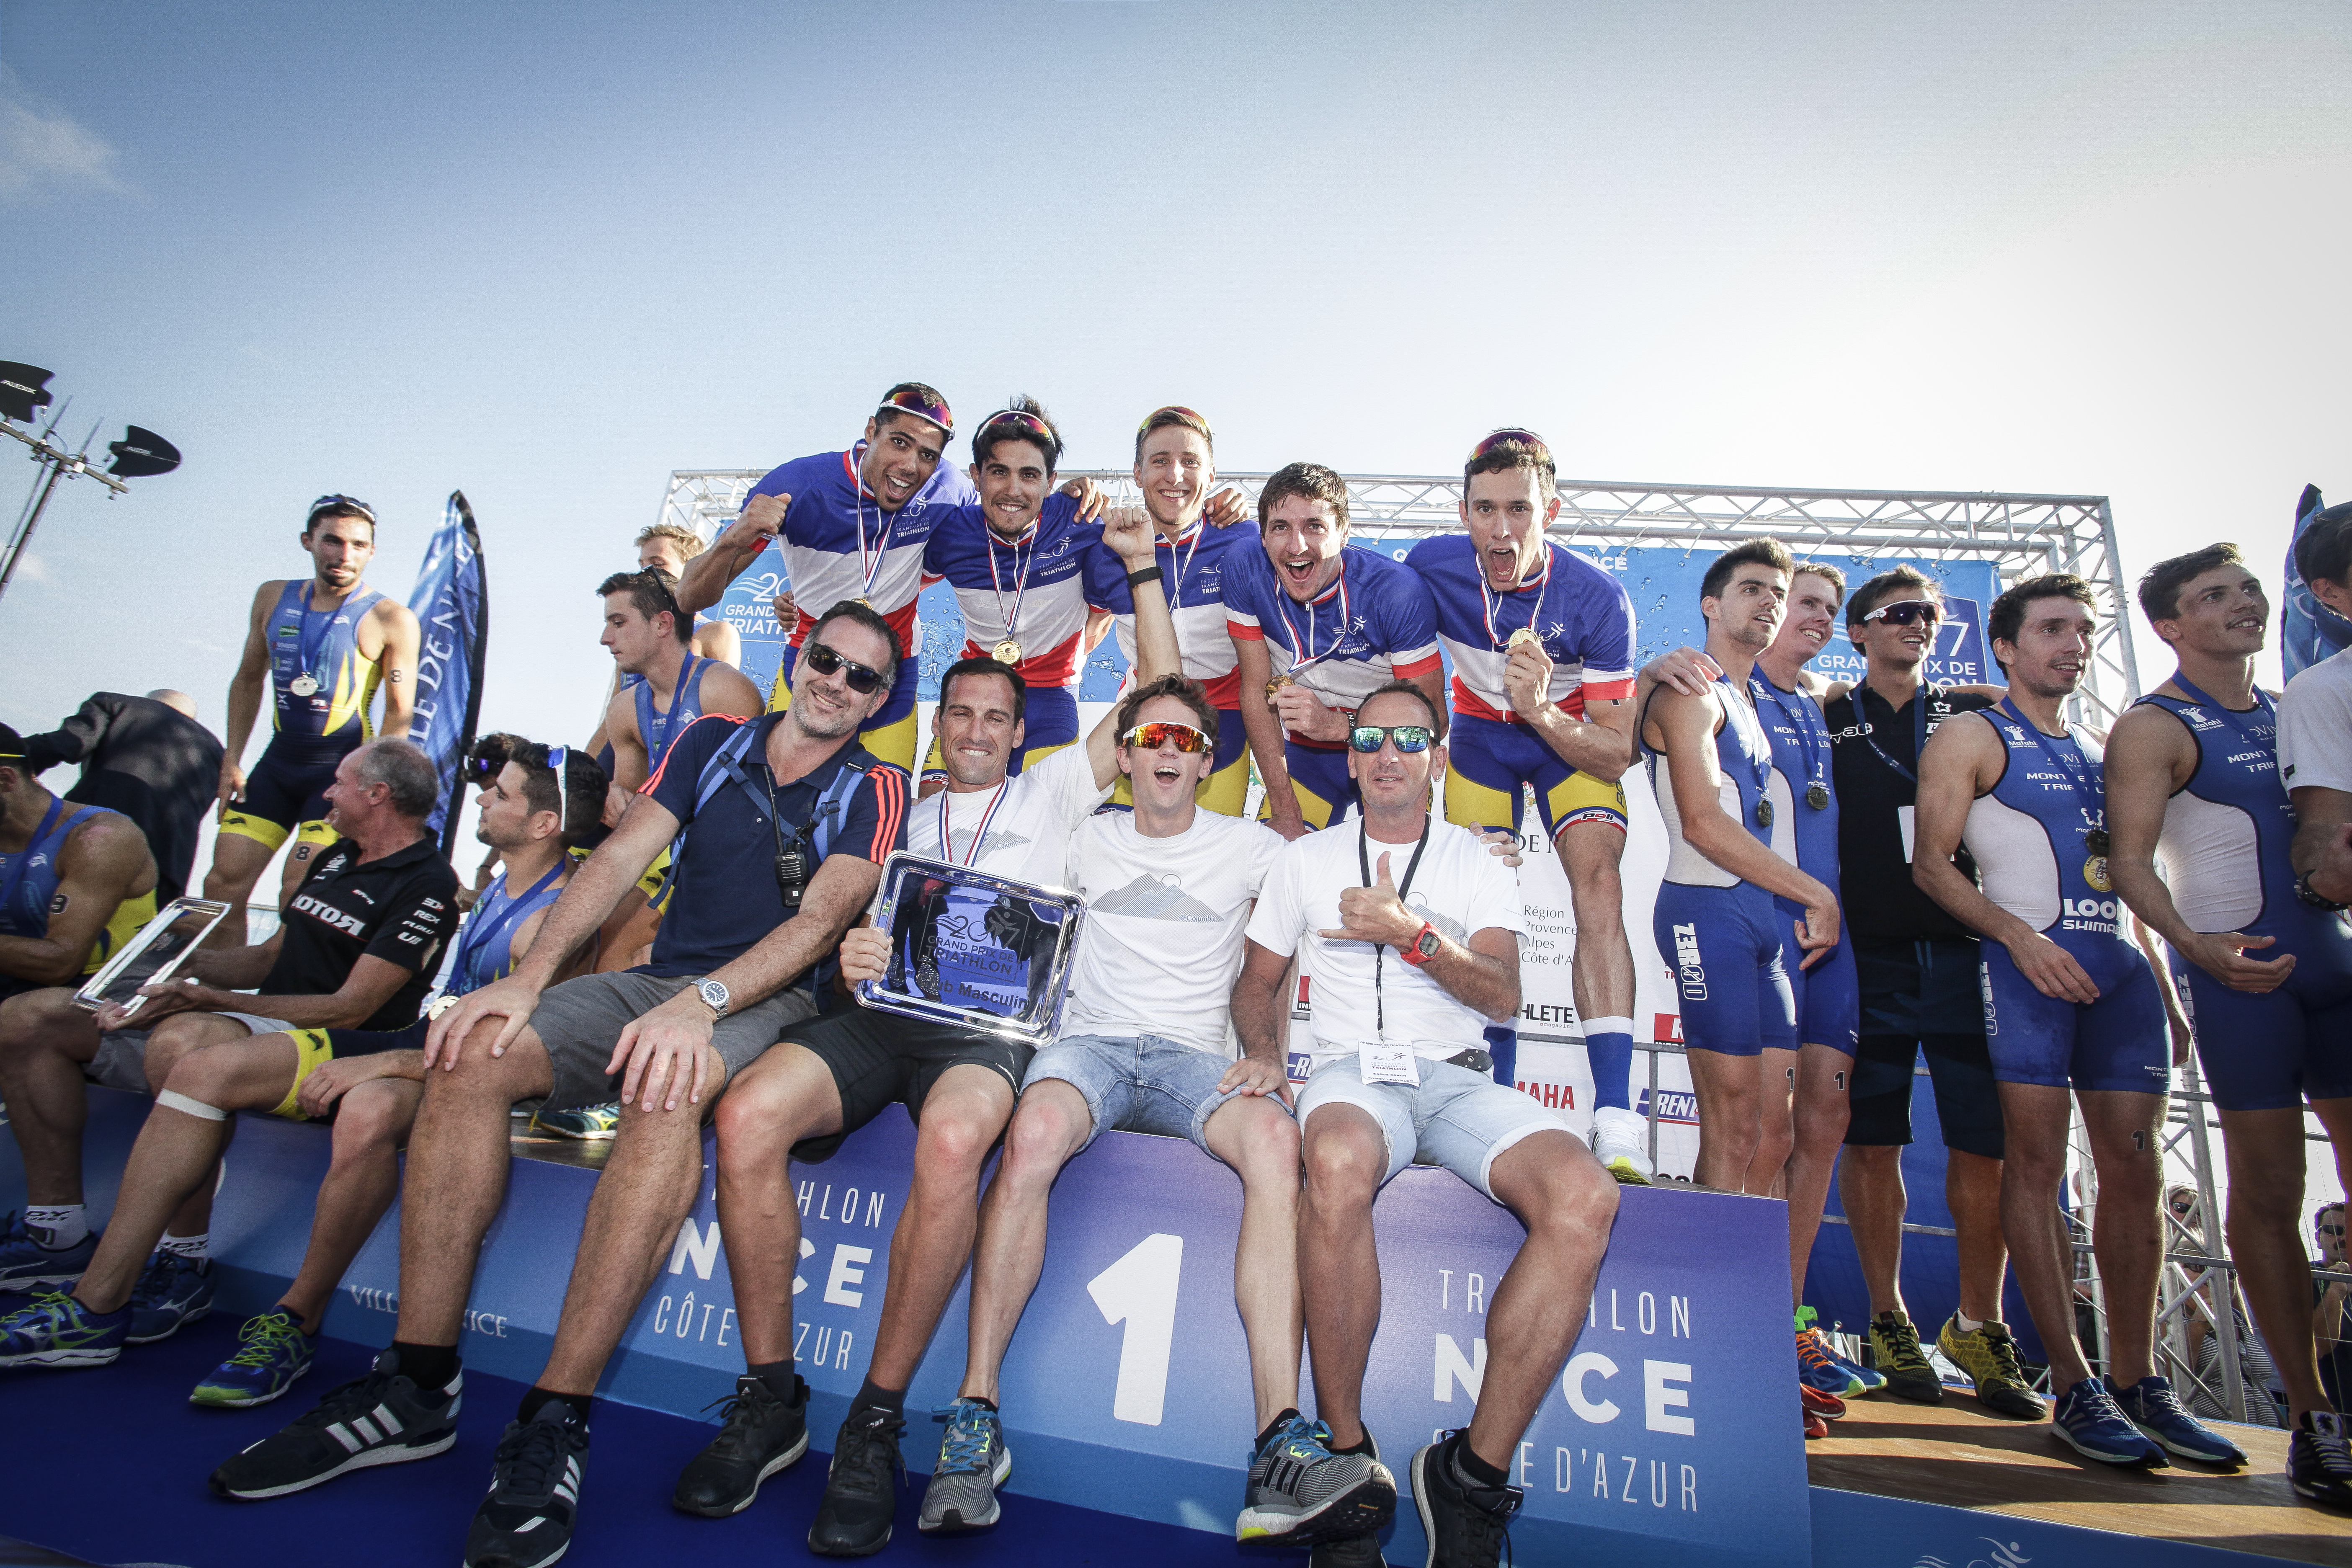 Bis Repetita - Champions de France Femmes et Hommes